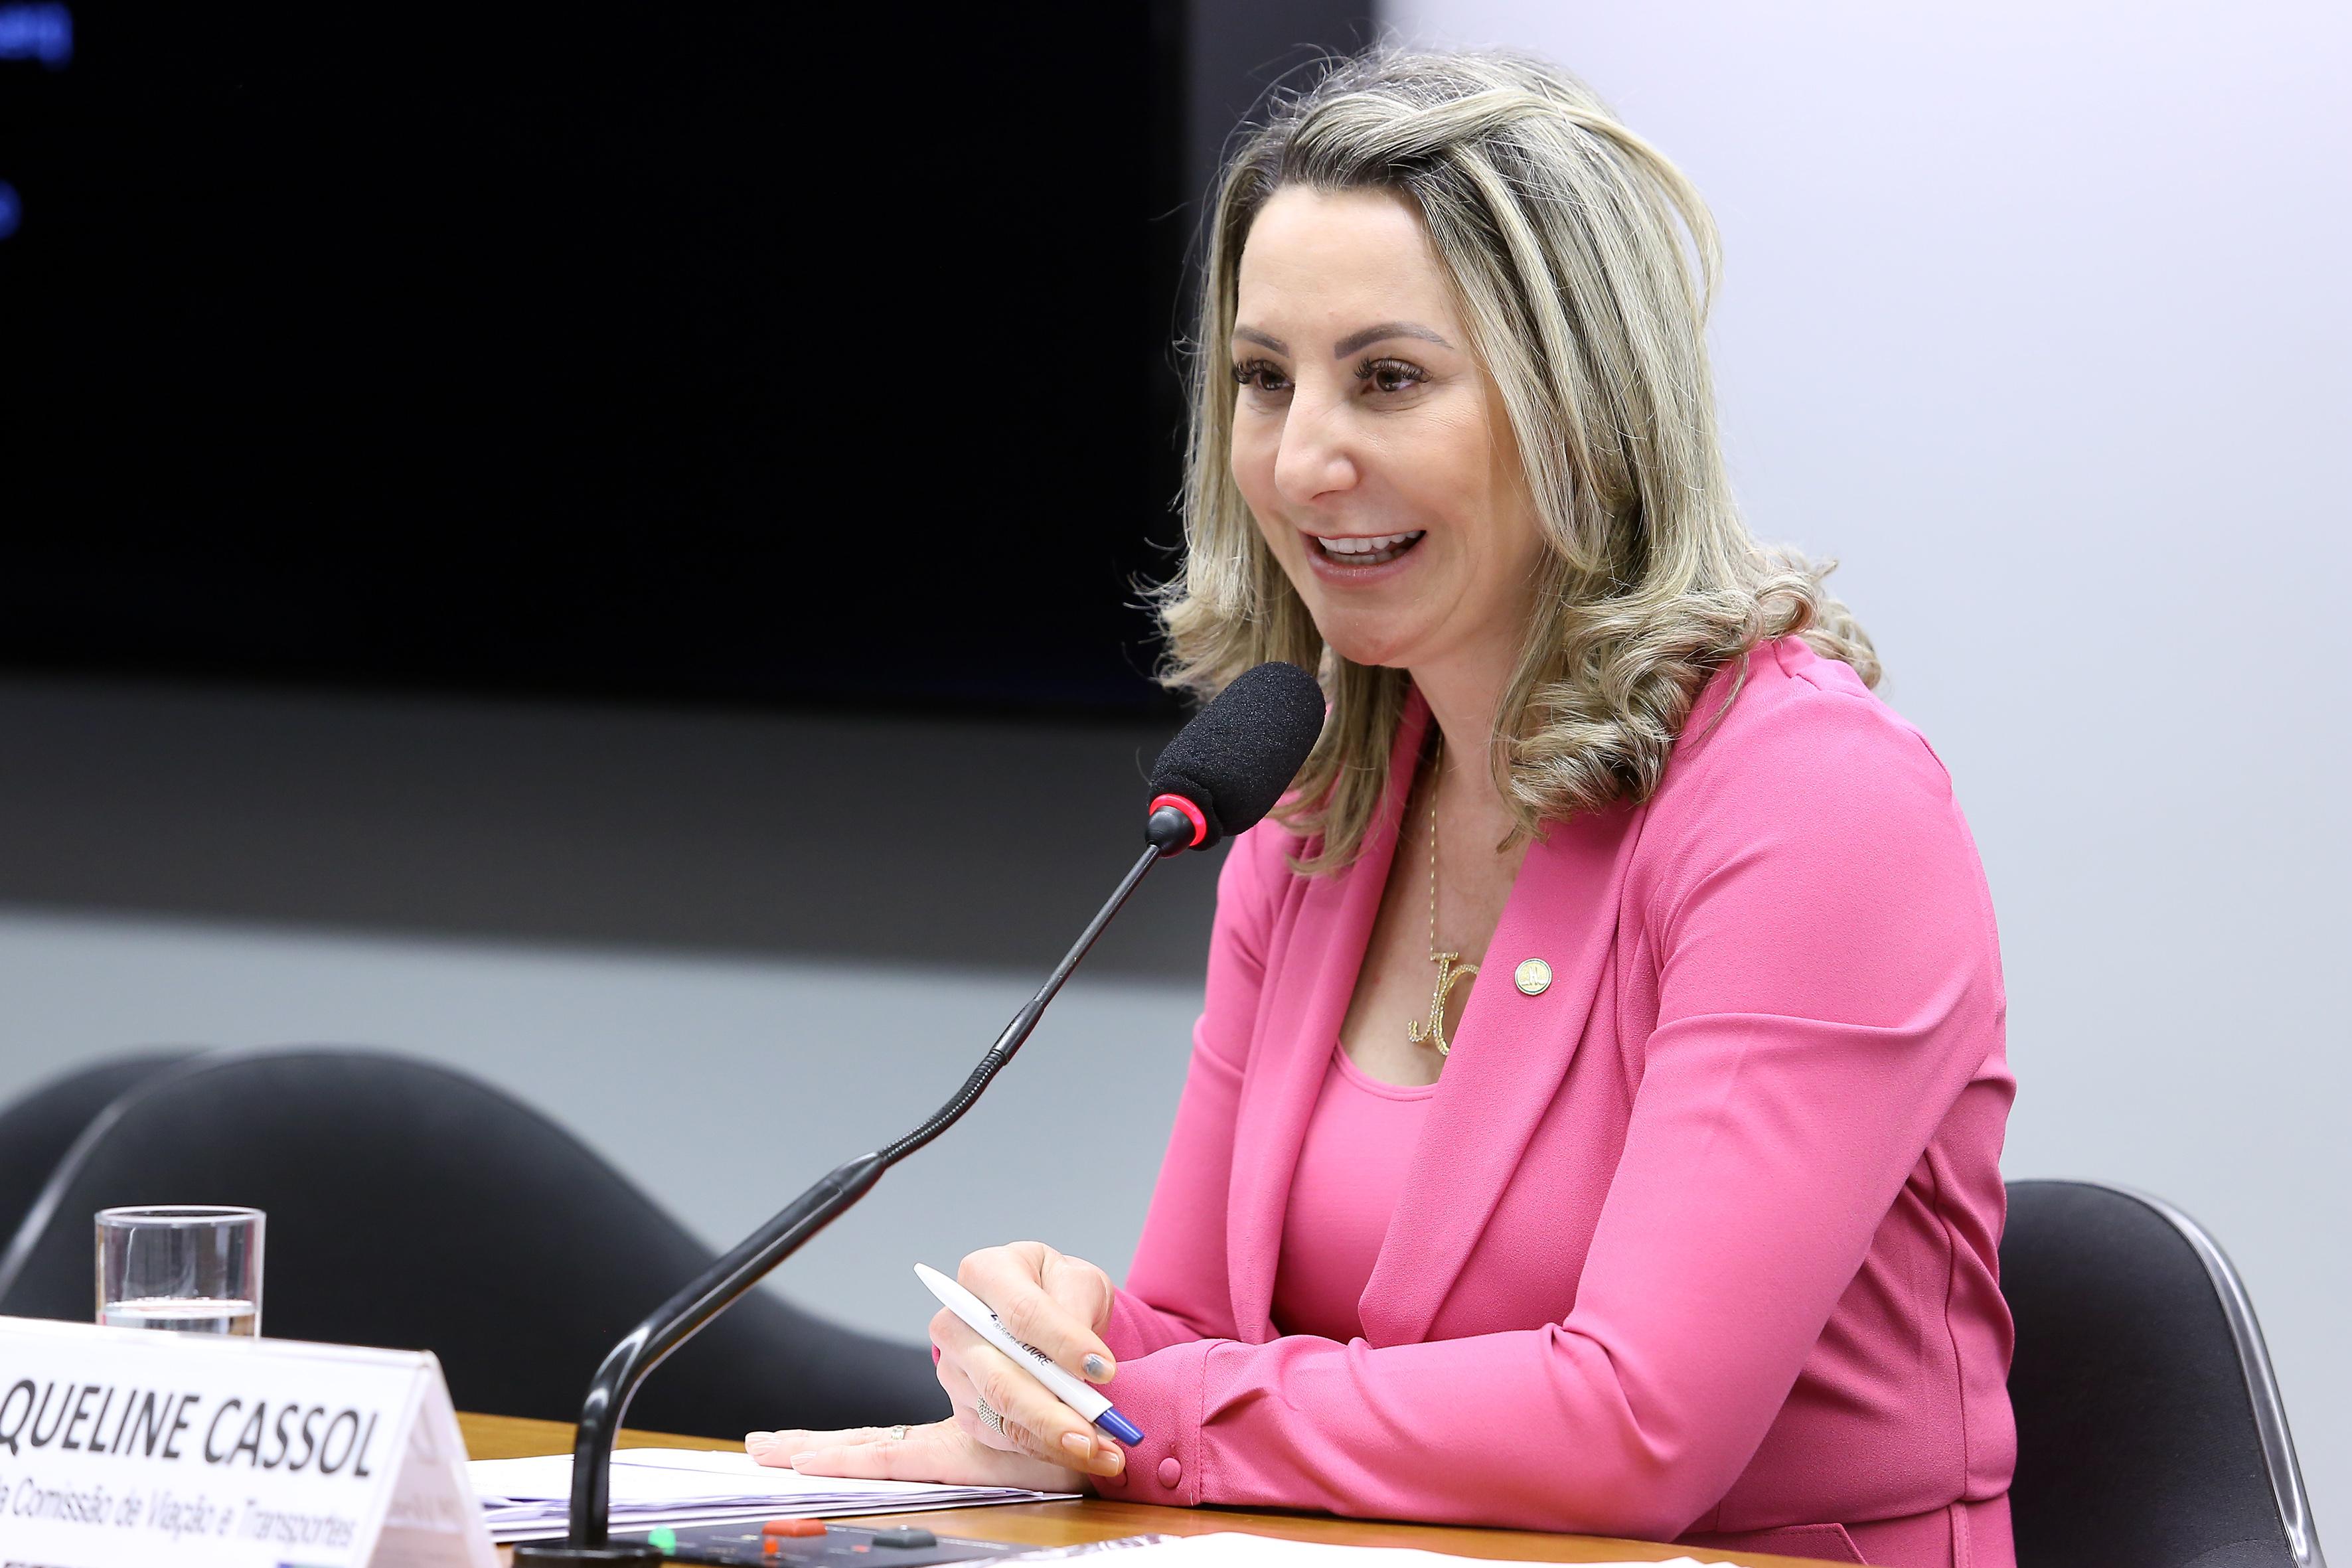 Audiência pública sobre o preço desproporcional das passagens aéreas e medidas para garantir o aumento da concorrência no setor aéreo. Dep. Jaqueline Cassol (PP-RO)